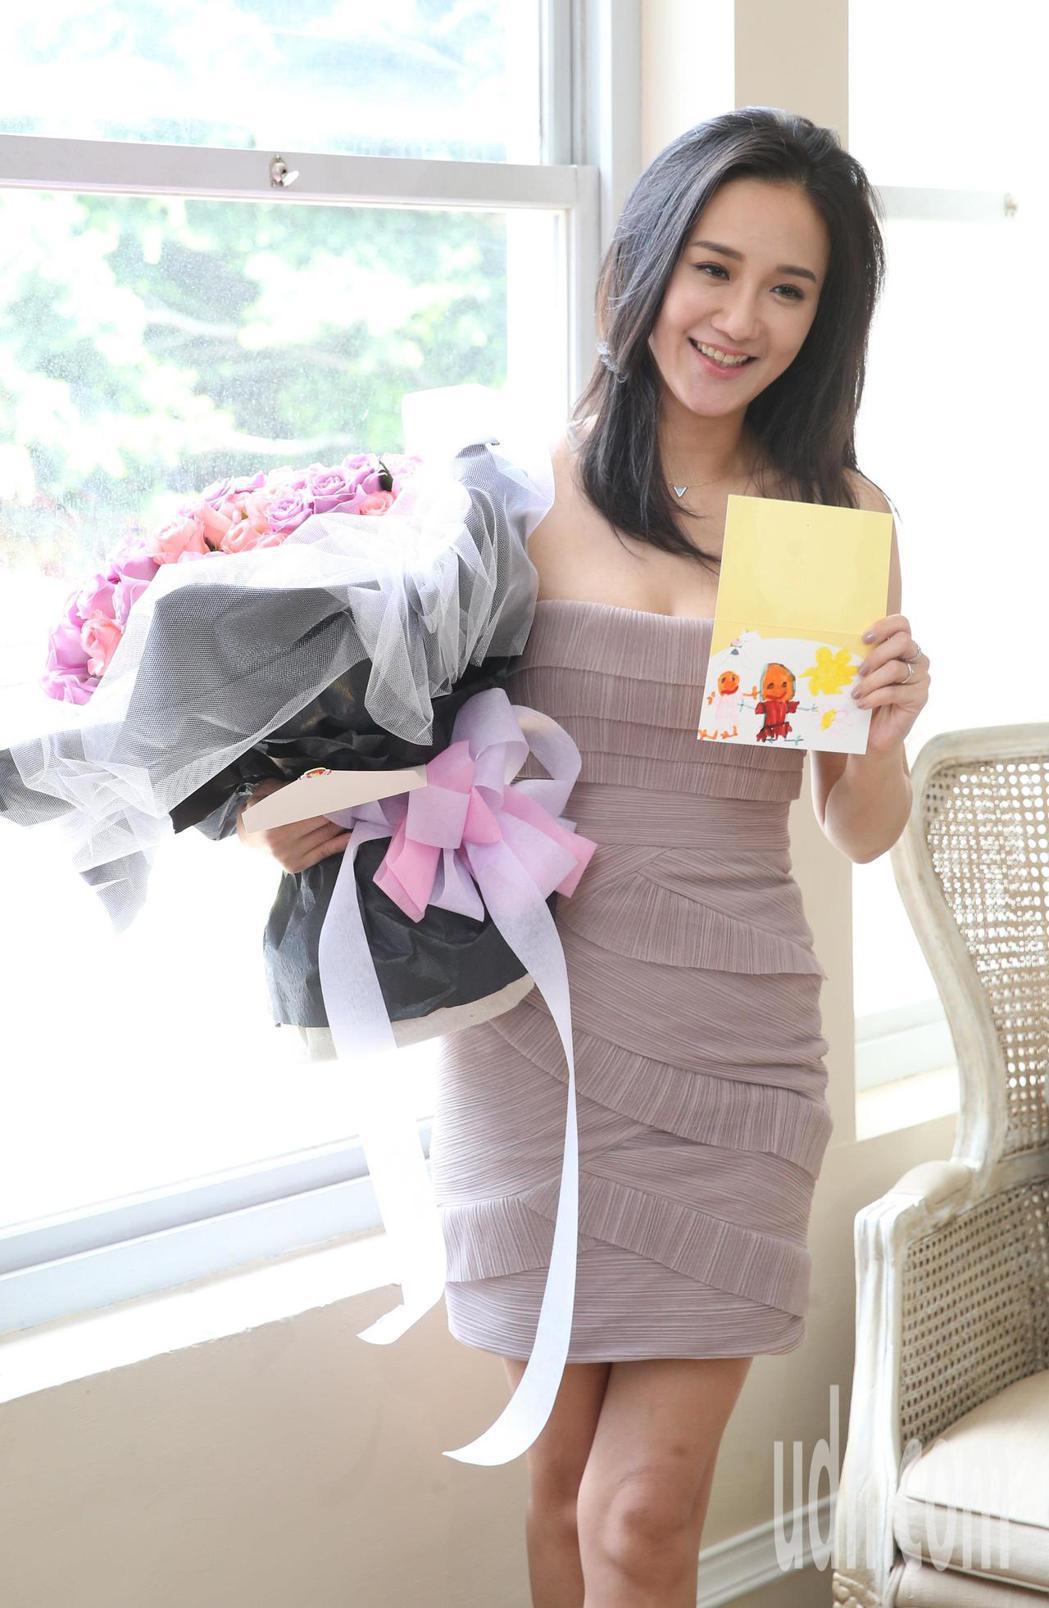 藝人何妤玟幫時尚雜誌拍攝封面照。記者陳柏亨/攝影